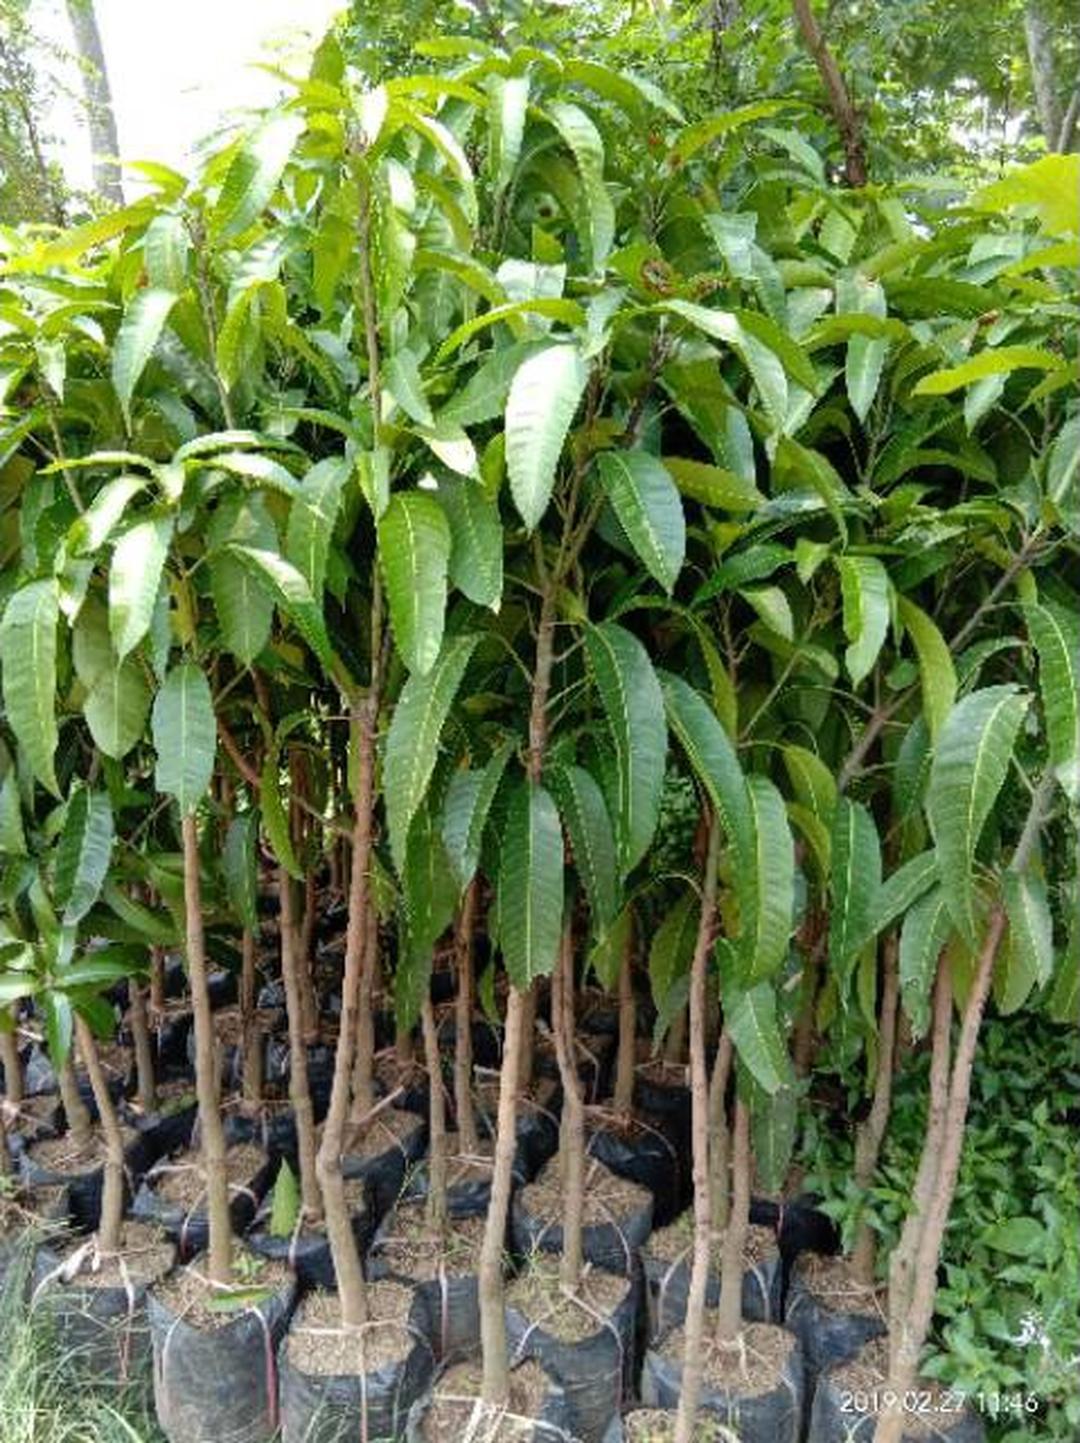 Jaminan Mutu! Bibit buah mangga alpukat Kota Bandung #bibit buah